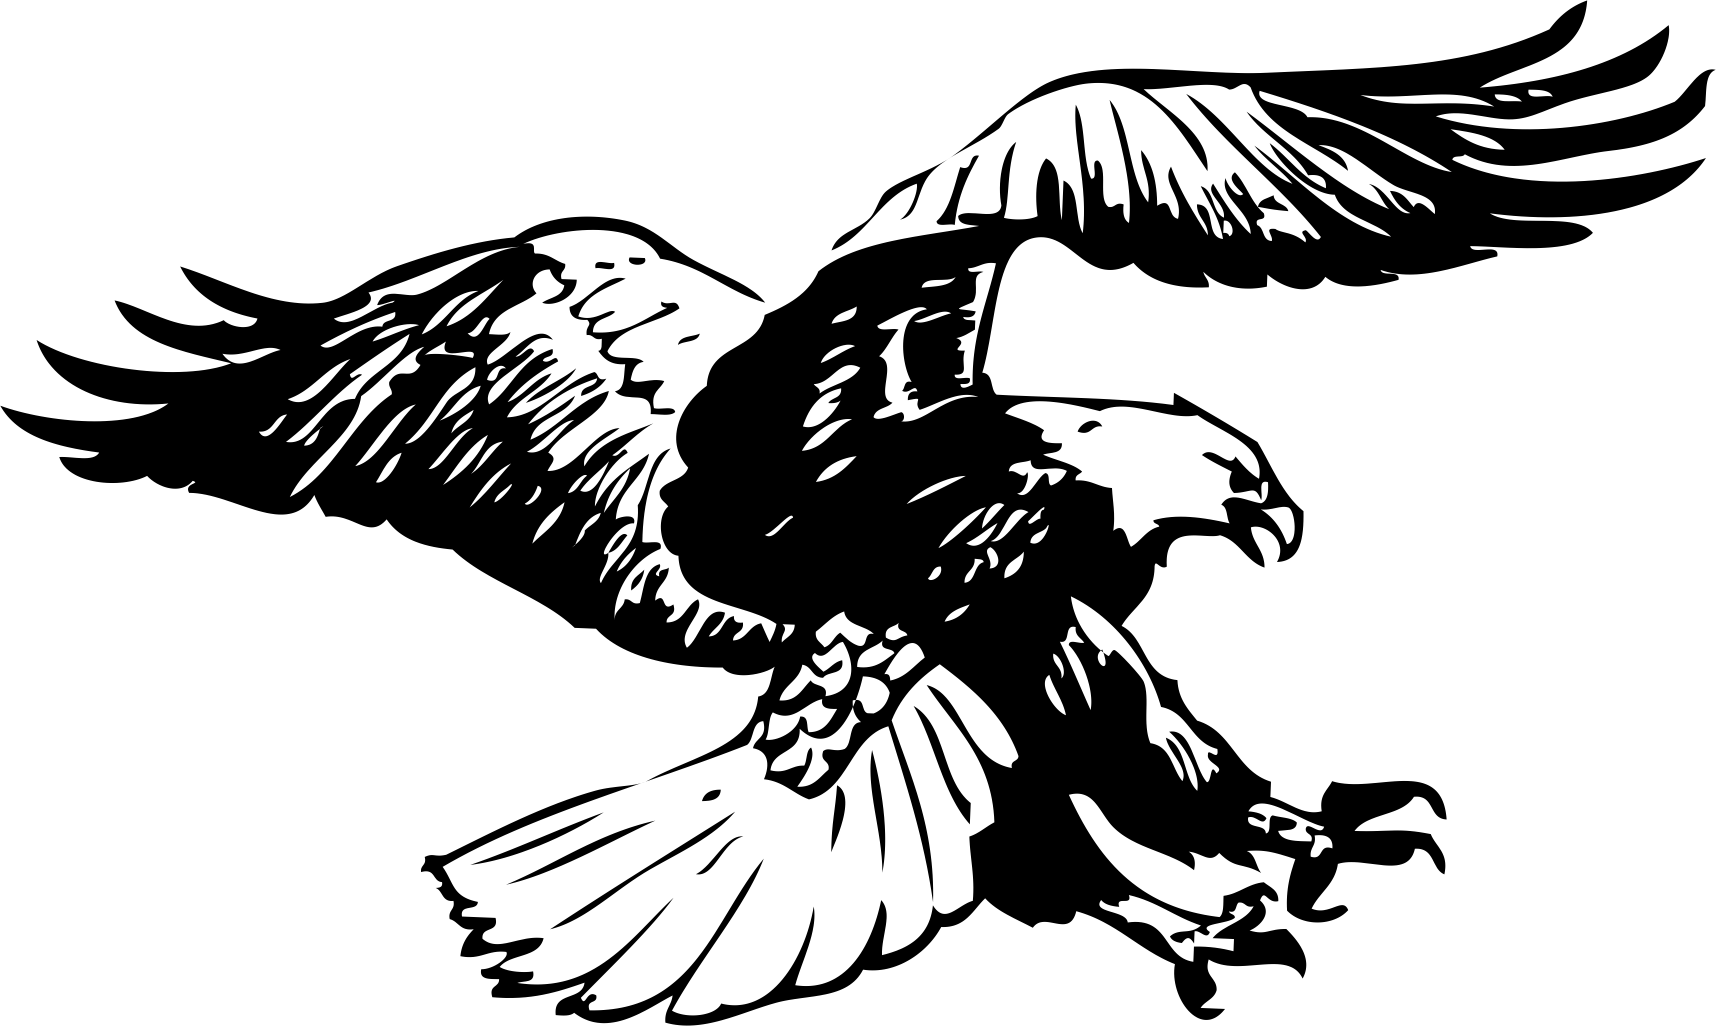 картинки орлов и ястребов черно белые создавая